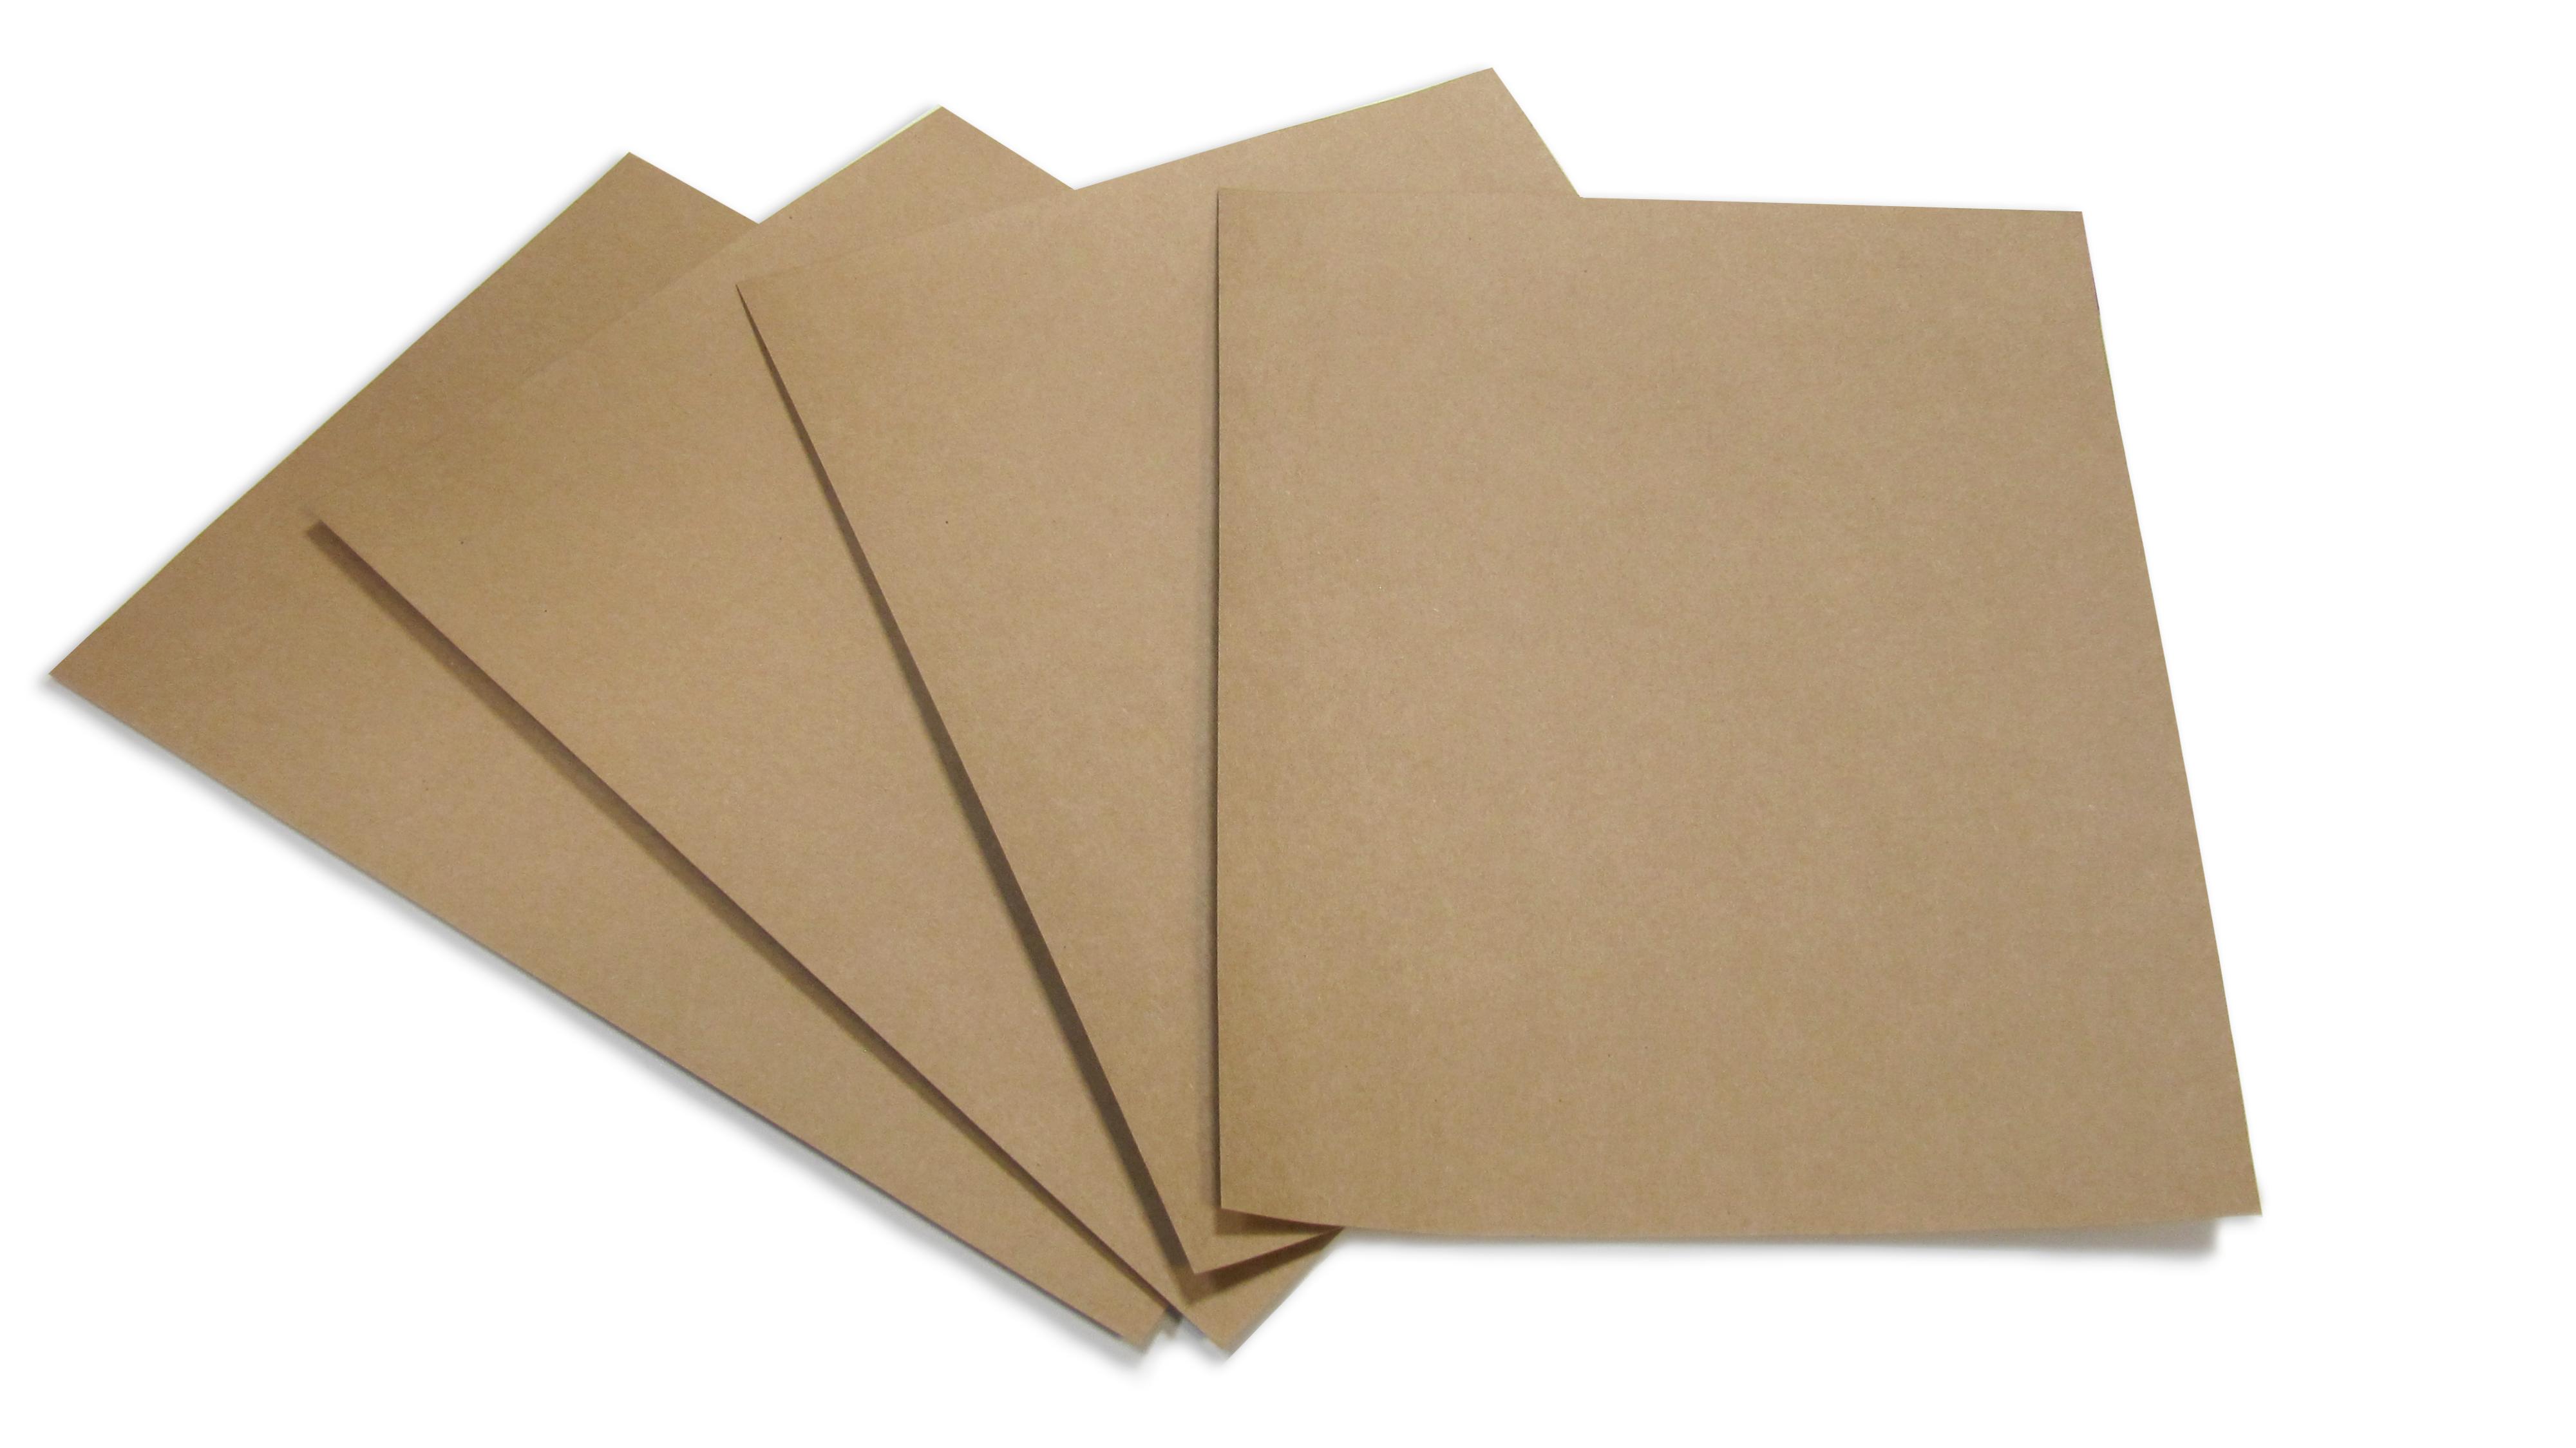 Clairefontaine Pollen DIN-A4 - 210x297 Kraftpapier 200g/m² Kartonbraun 25 Blatt